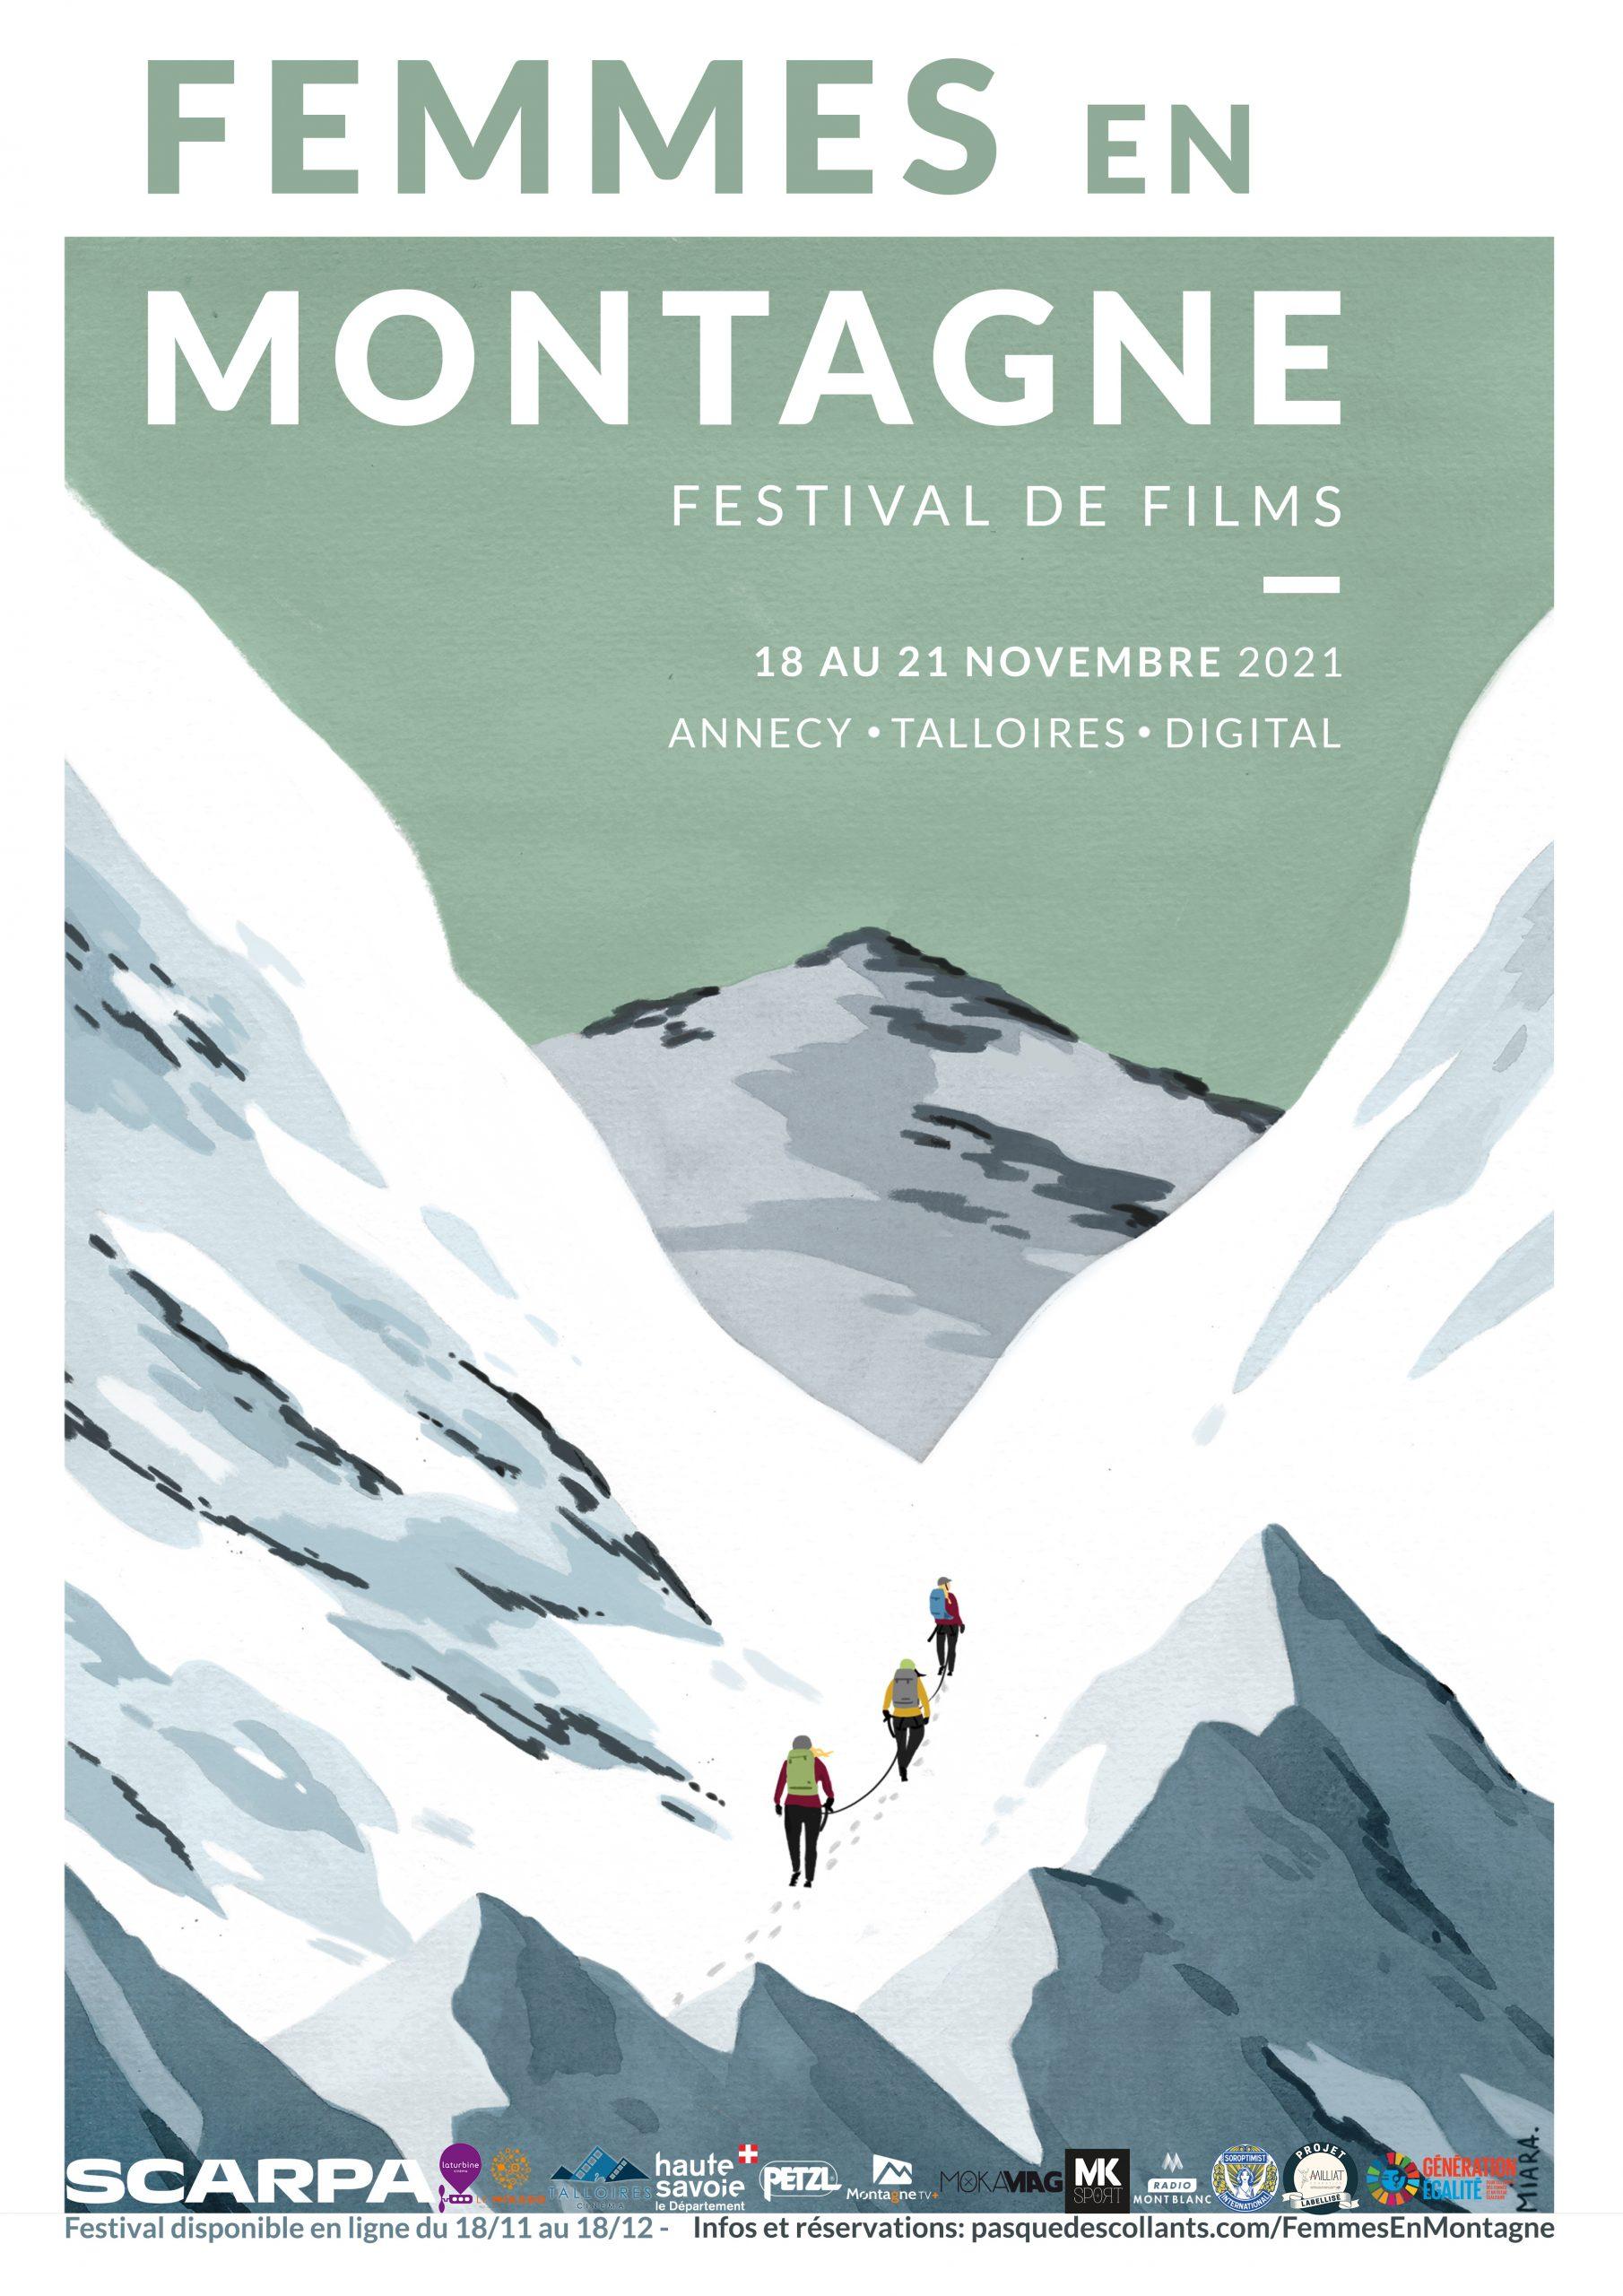 Affiche festival films femmes en montagne 2021 Annecy et Talloires